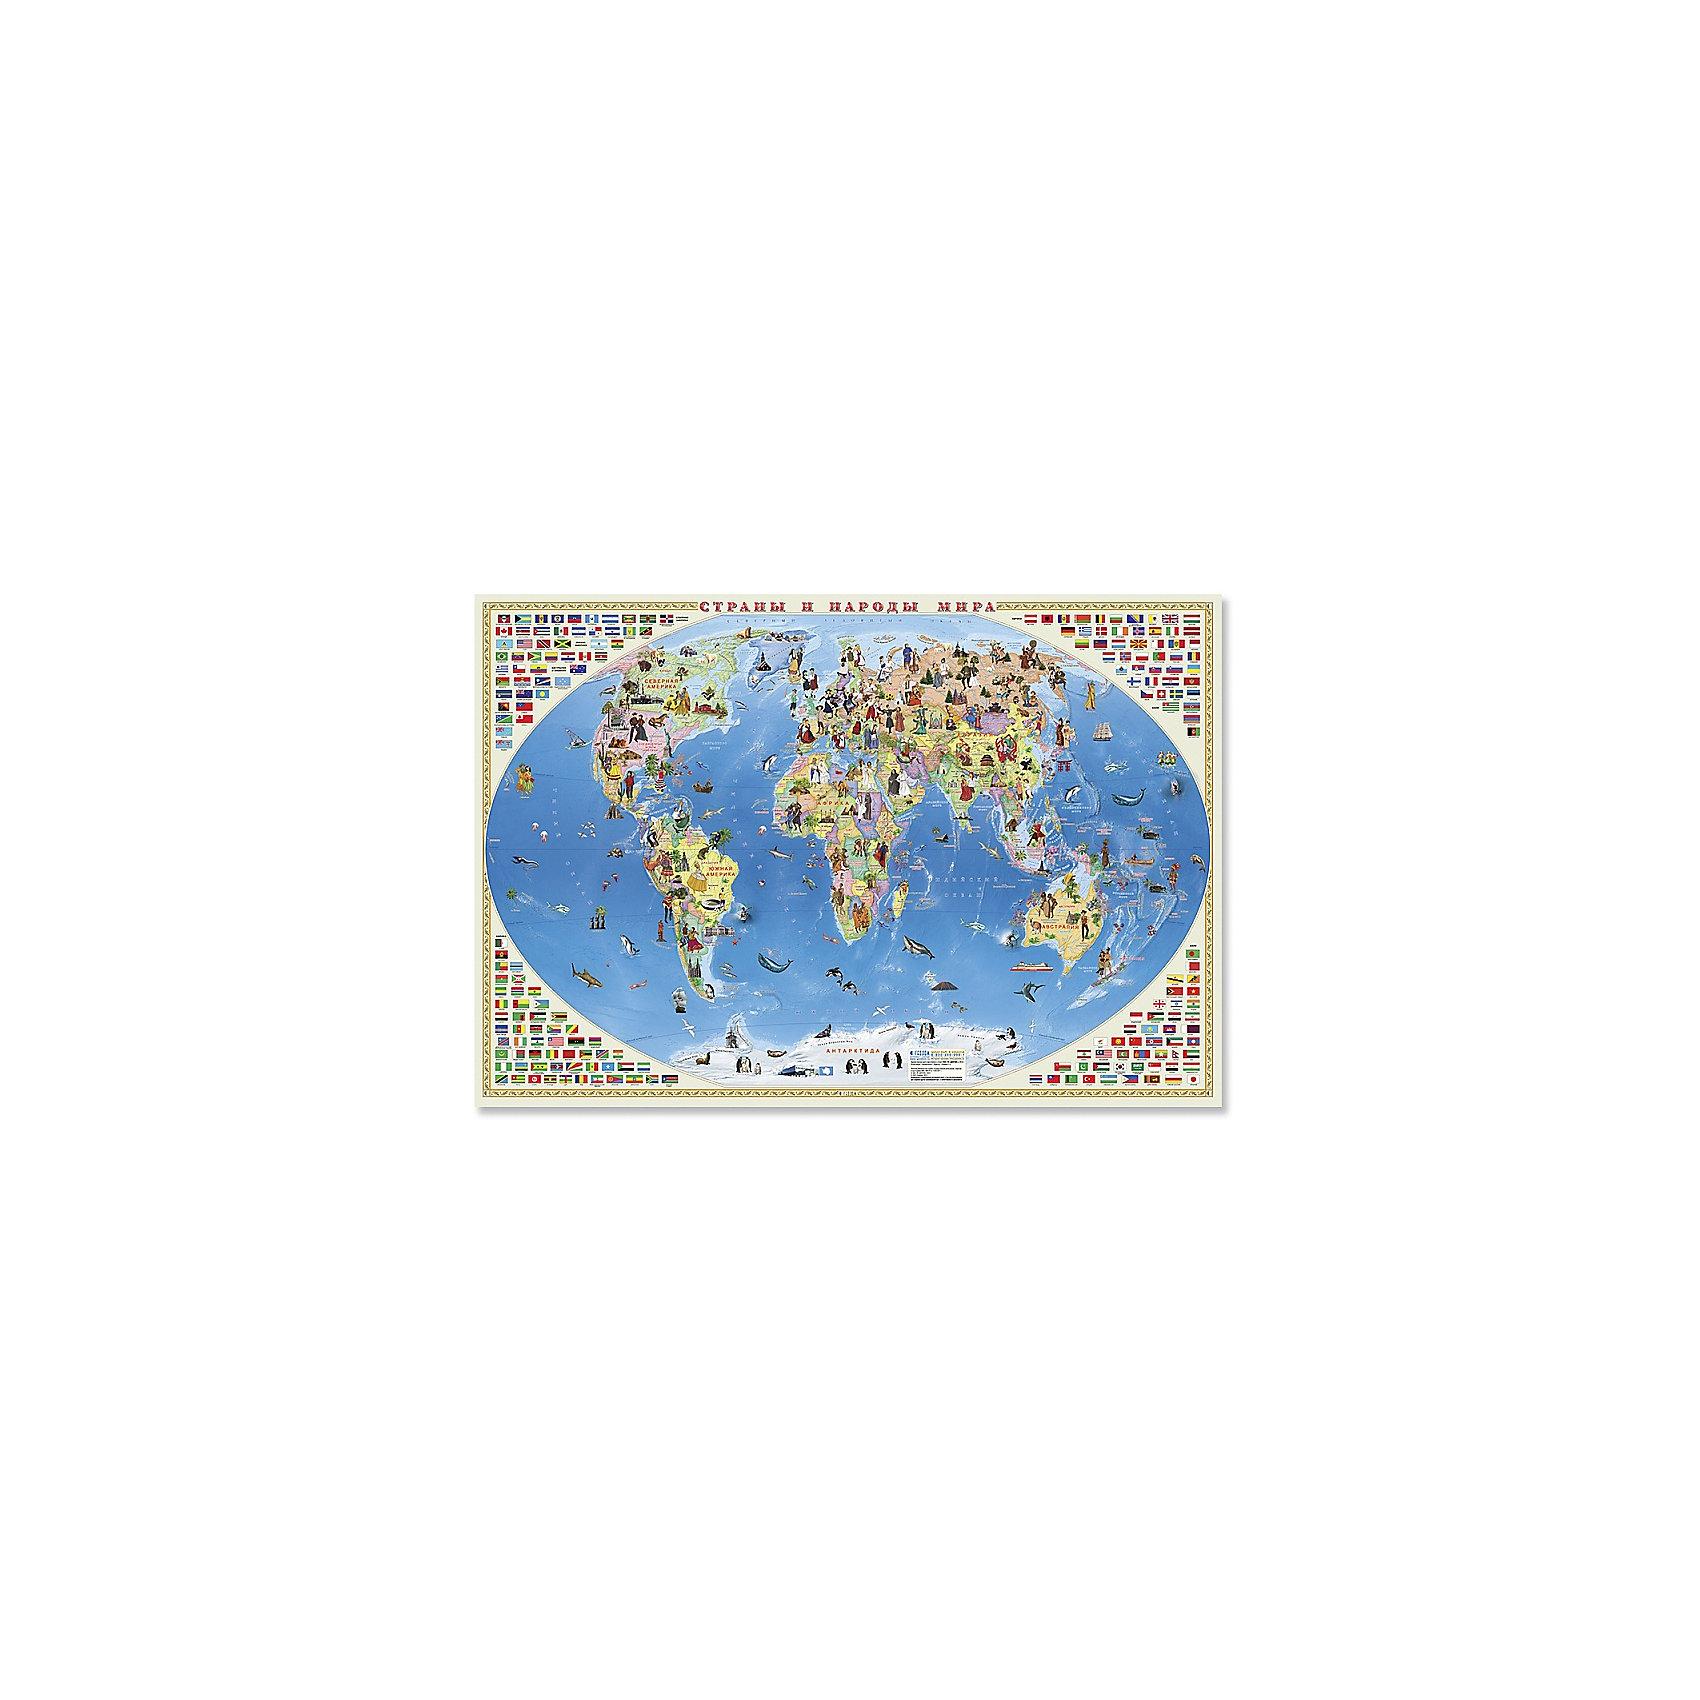 Настенная карта Страны и народы мира 101*69 см, ламинированнаяАтласы и карты<br>Характеристики товара:<br><br>• материал: ламинированная бумага<br>• возраст: от 3 лет<br>• размер карты: 101х69 см<br>• вес: 150 г<br>• страна производитель: Россия<br><br>Познакомить ребенка с основами географии, политико-административным устройством мира, а также изучить названия и столицы государств поможет карта «Страны и народы мира». На карте даны красочные иллюстрации народов в их национальных костюмах, показаны самые узнаваемые достопримечательности некоторых стран, изображены флаги государств по расположению на континентах.<br><br>Настенную карту Страны и народы мира 101*69 см, ламинированную можно купить в нашем интернет-магазине.<br><br>Ширина мм: 1010<br>Глубина мм: 690<br>Высота мм: 1<br>Вес г: 150<br>Возраст от месяцев: 36<br>Возраст до месяцев: 2147483647<br>Пол: Унисекс<br>Возраст: Детский<br>SKU: 5422998